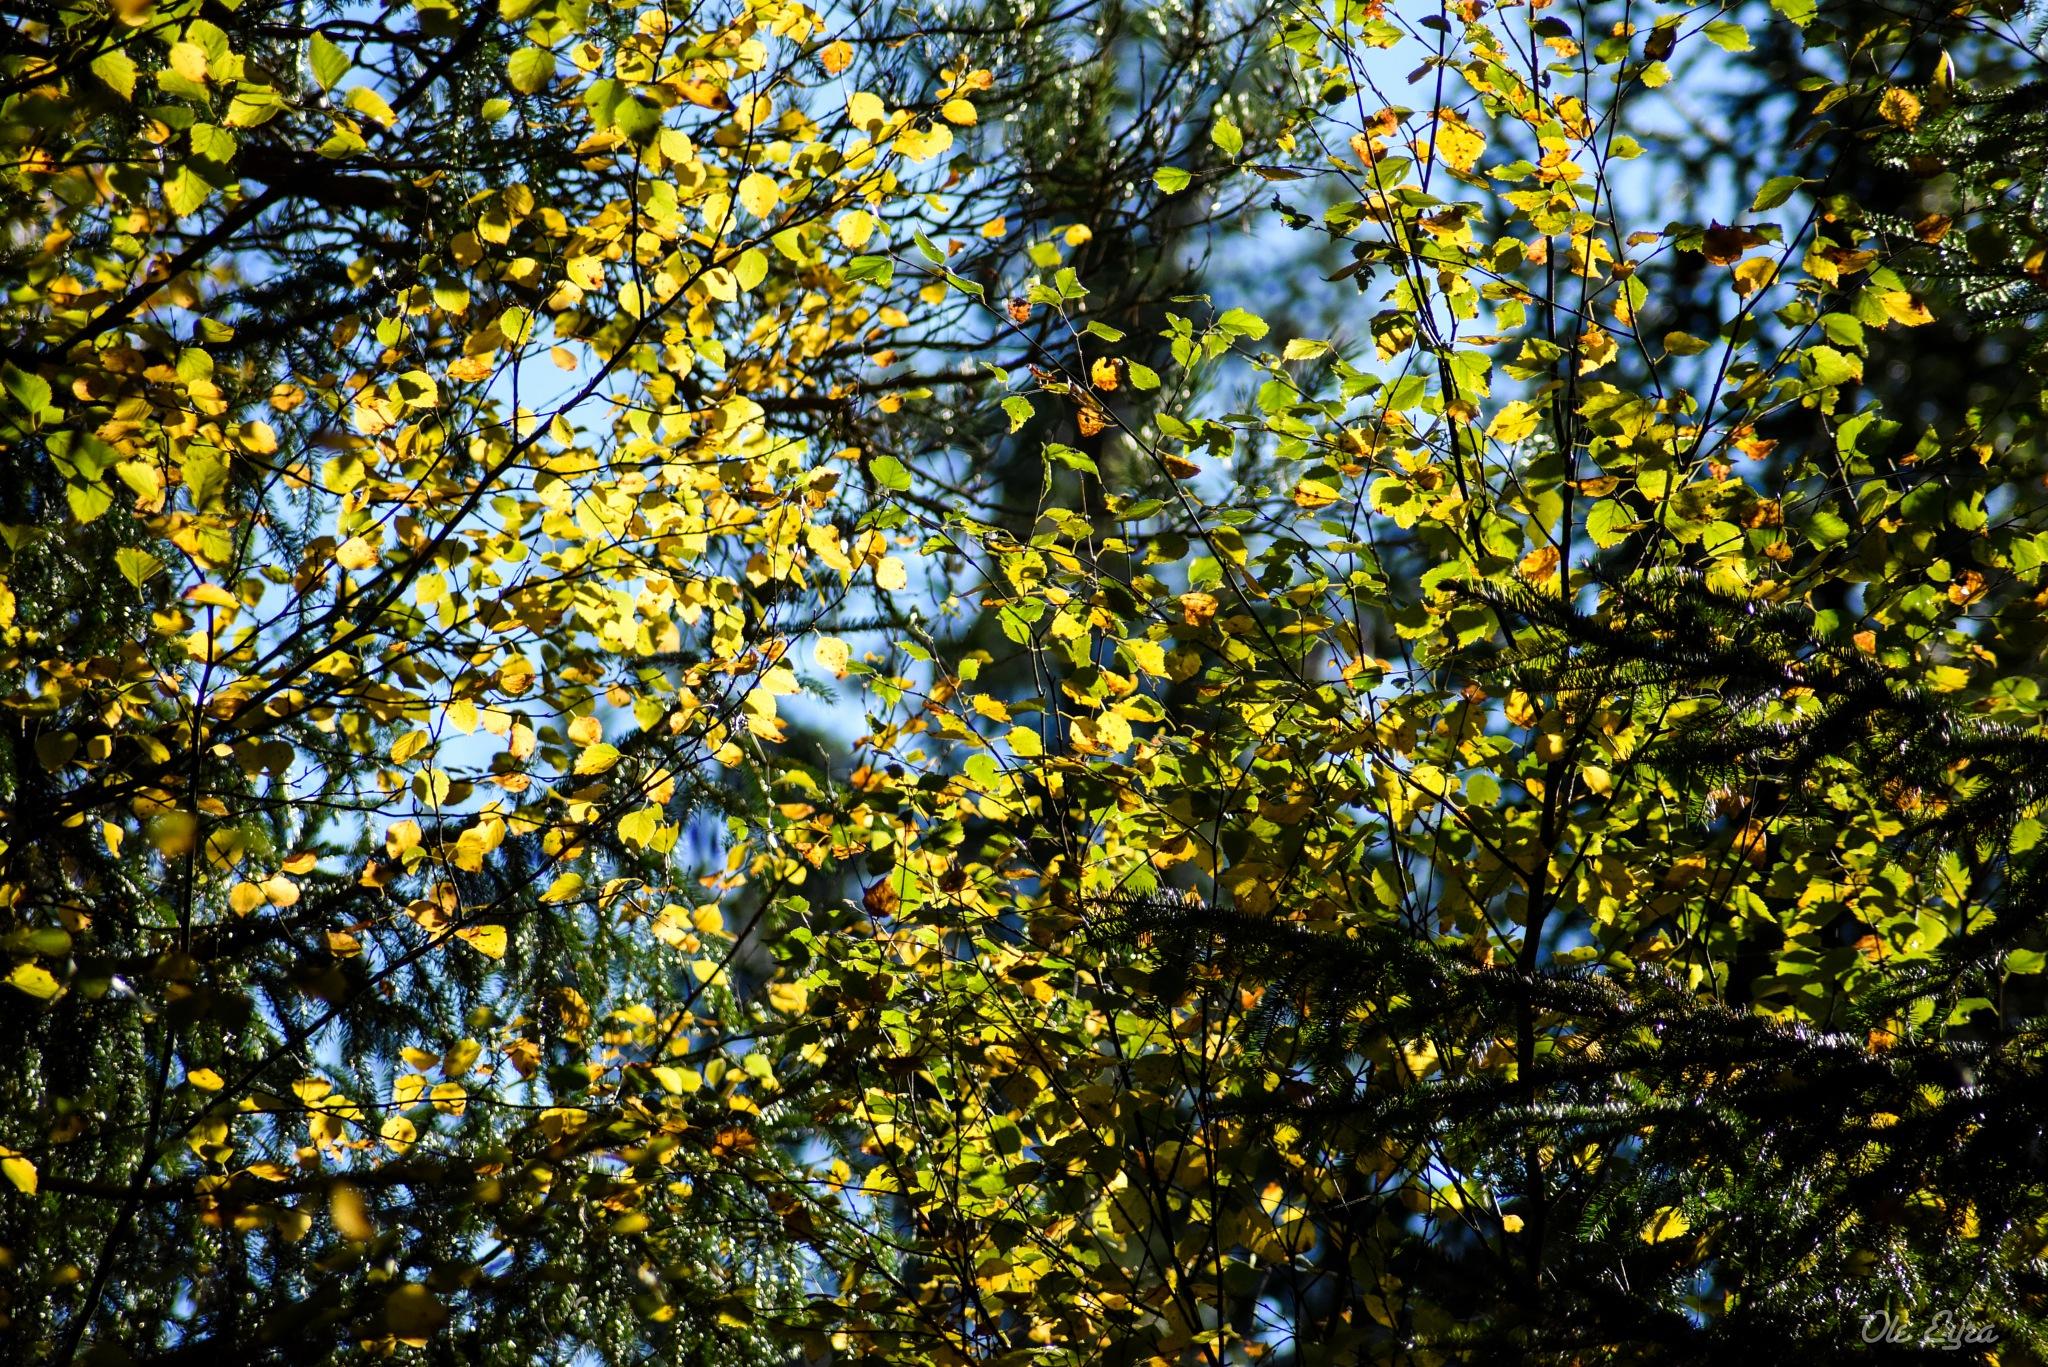 Autumn by Ole Morten Eyra